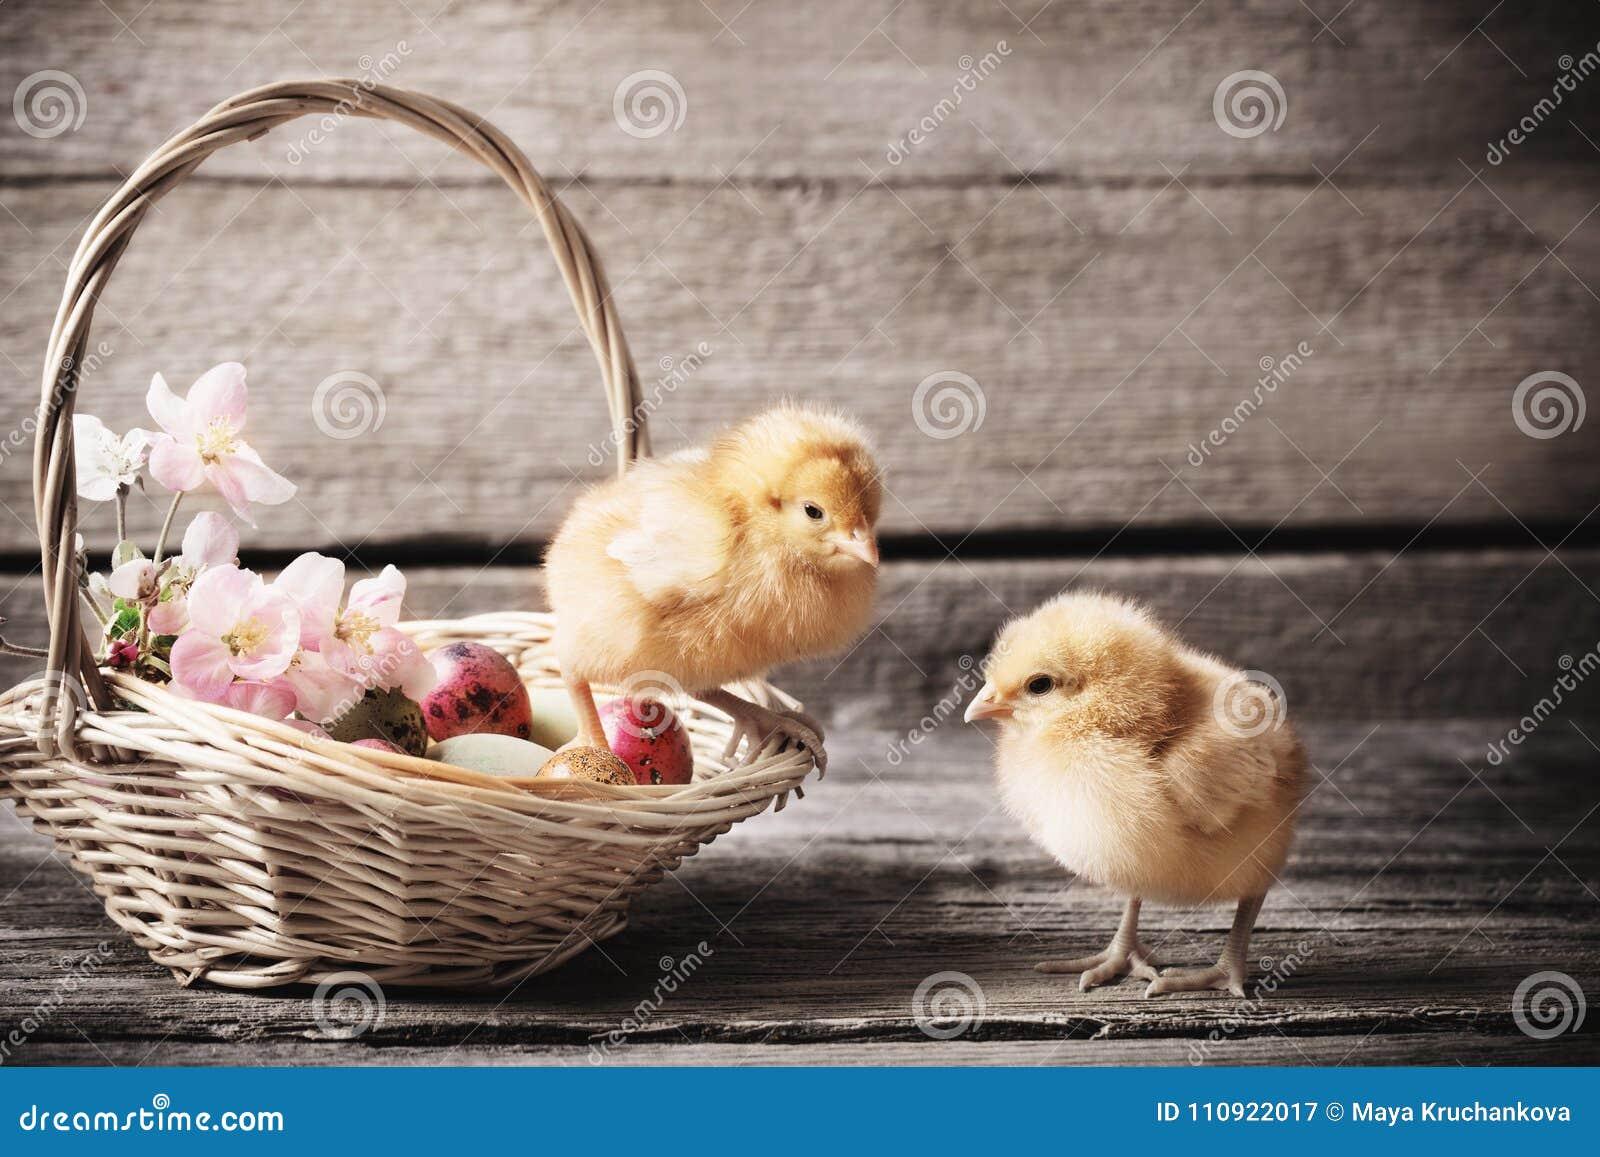 Pollo con los huevos de Pascua en fondo de madera